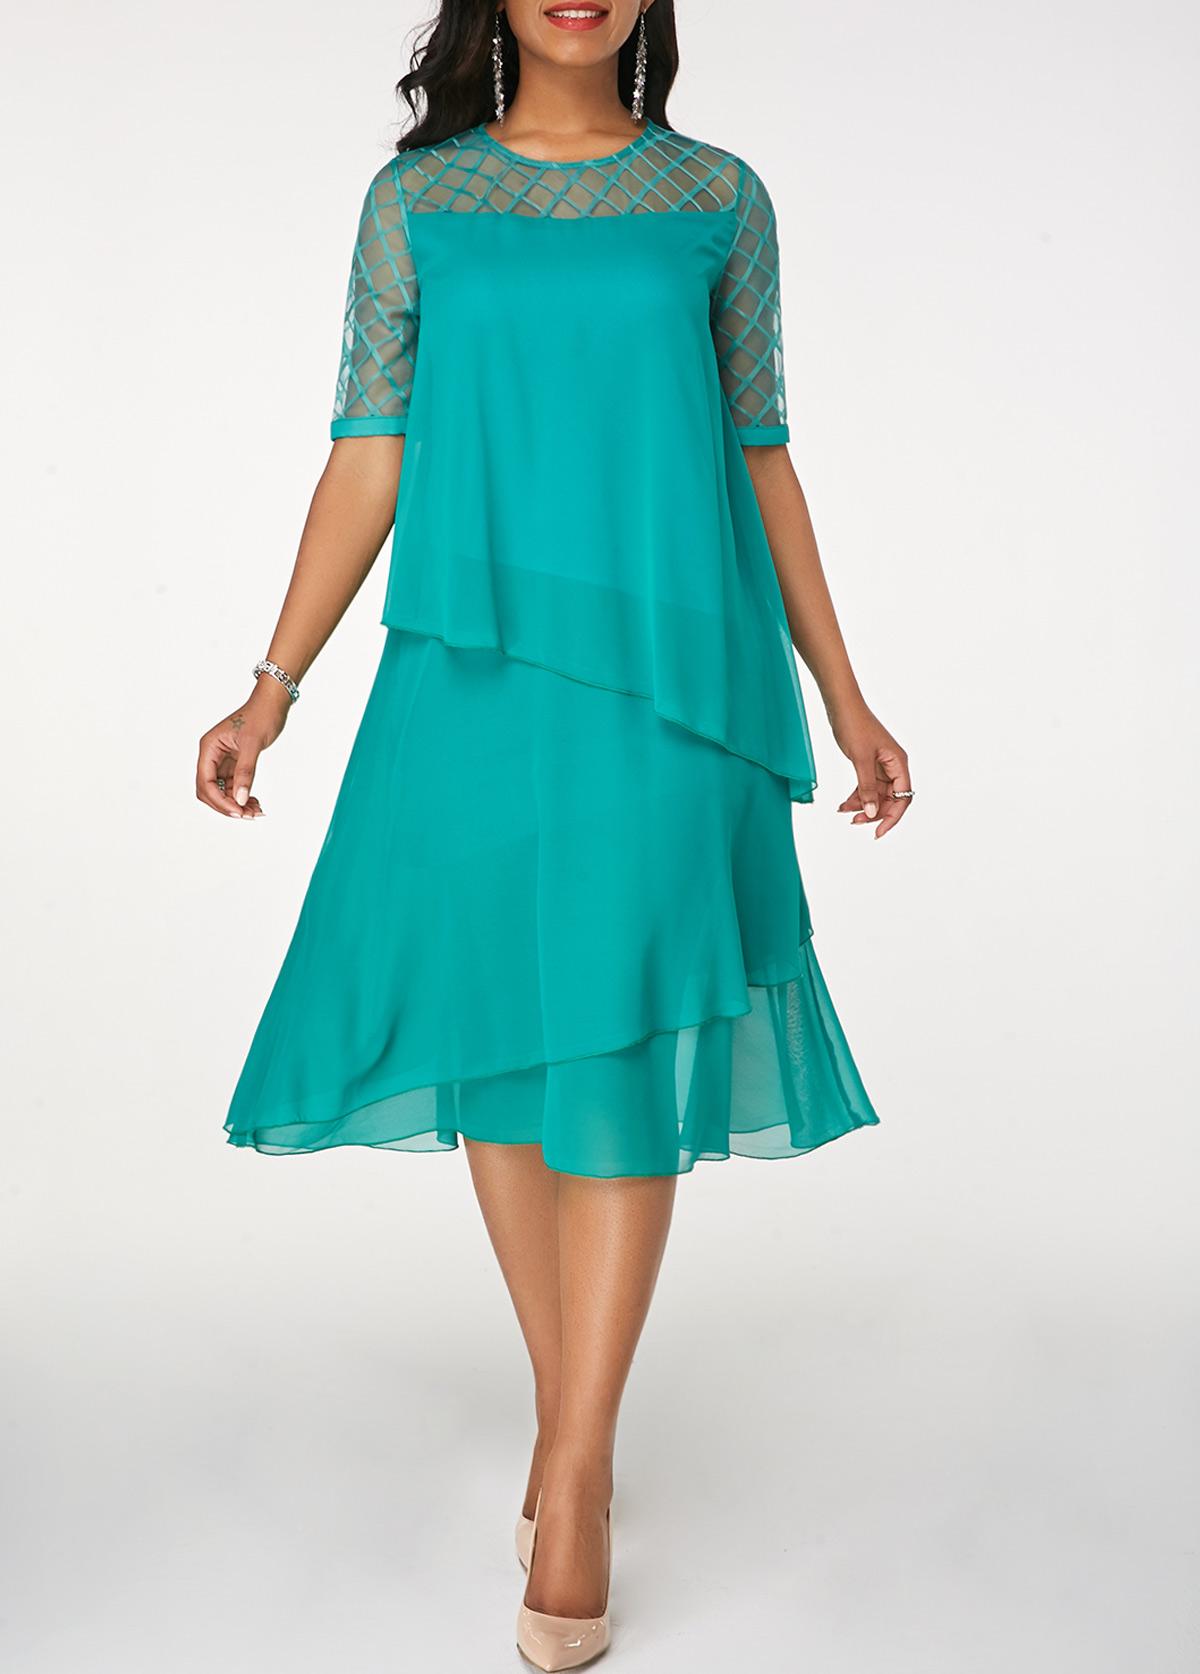 Layered Round Neck Half Sleeve Chiffon Dress